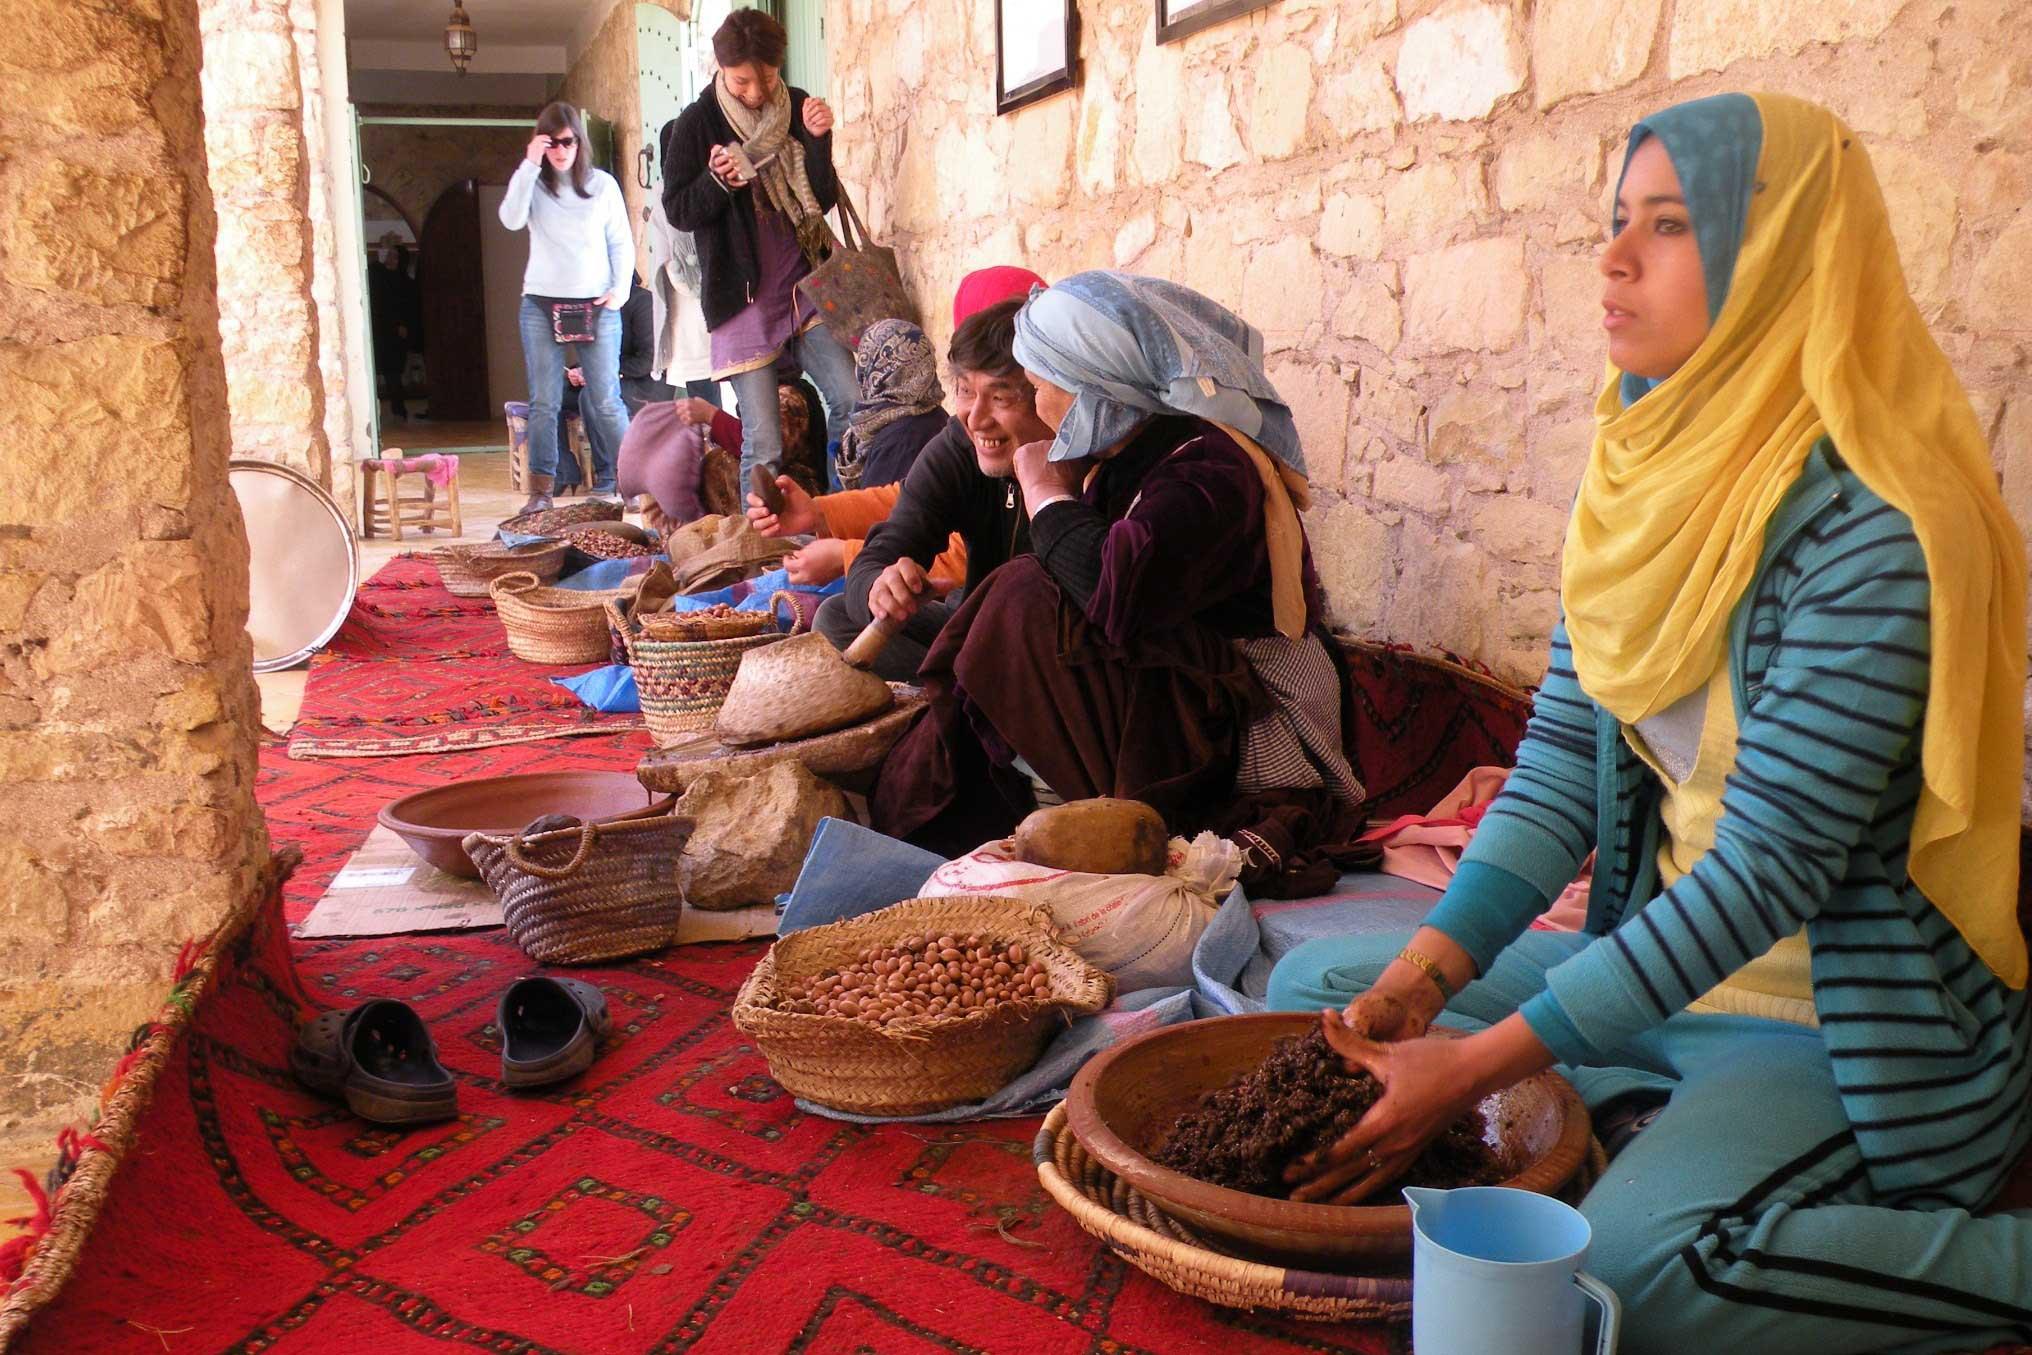 Adventure calls in morocco tnt magazine - Marocco casablanca ...